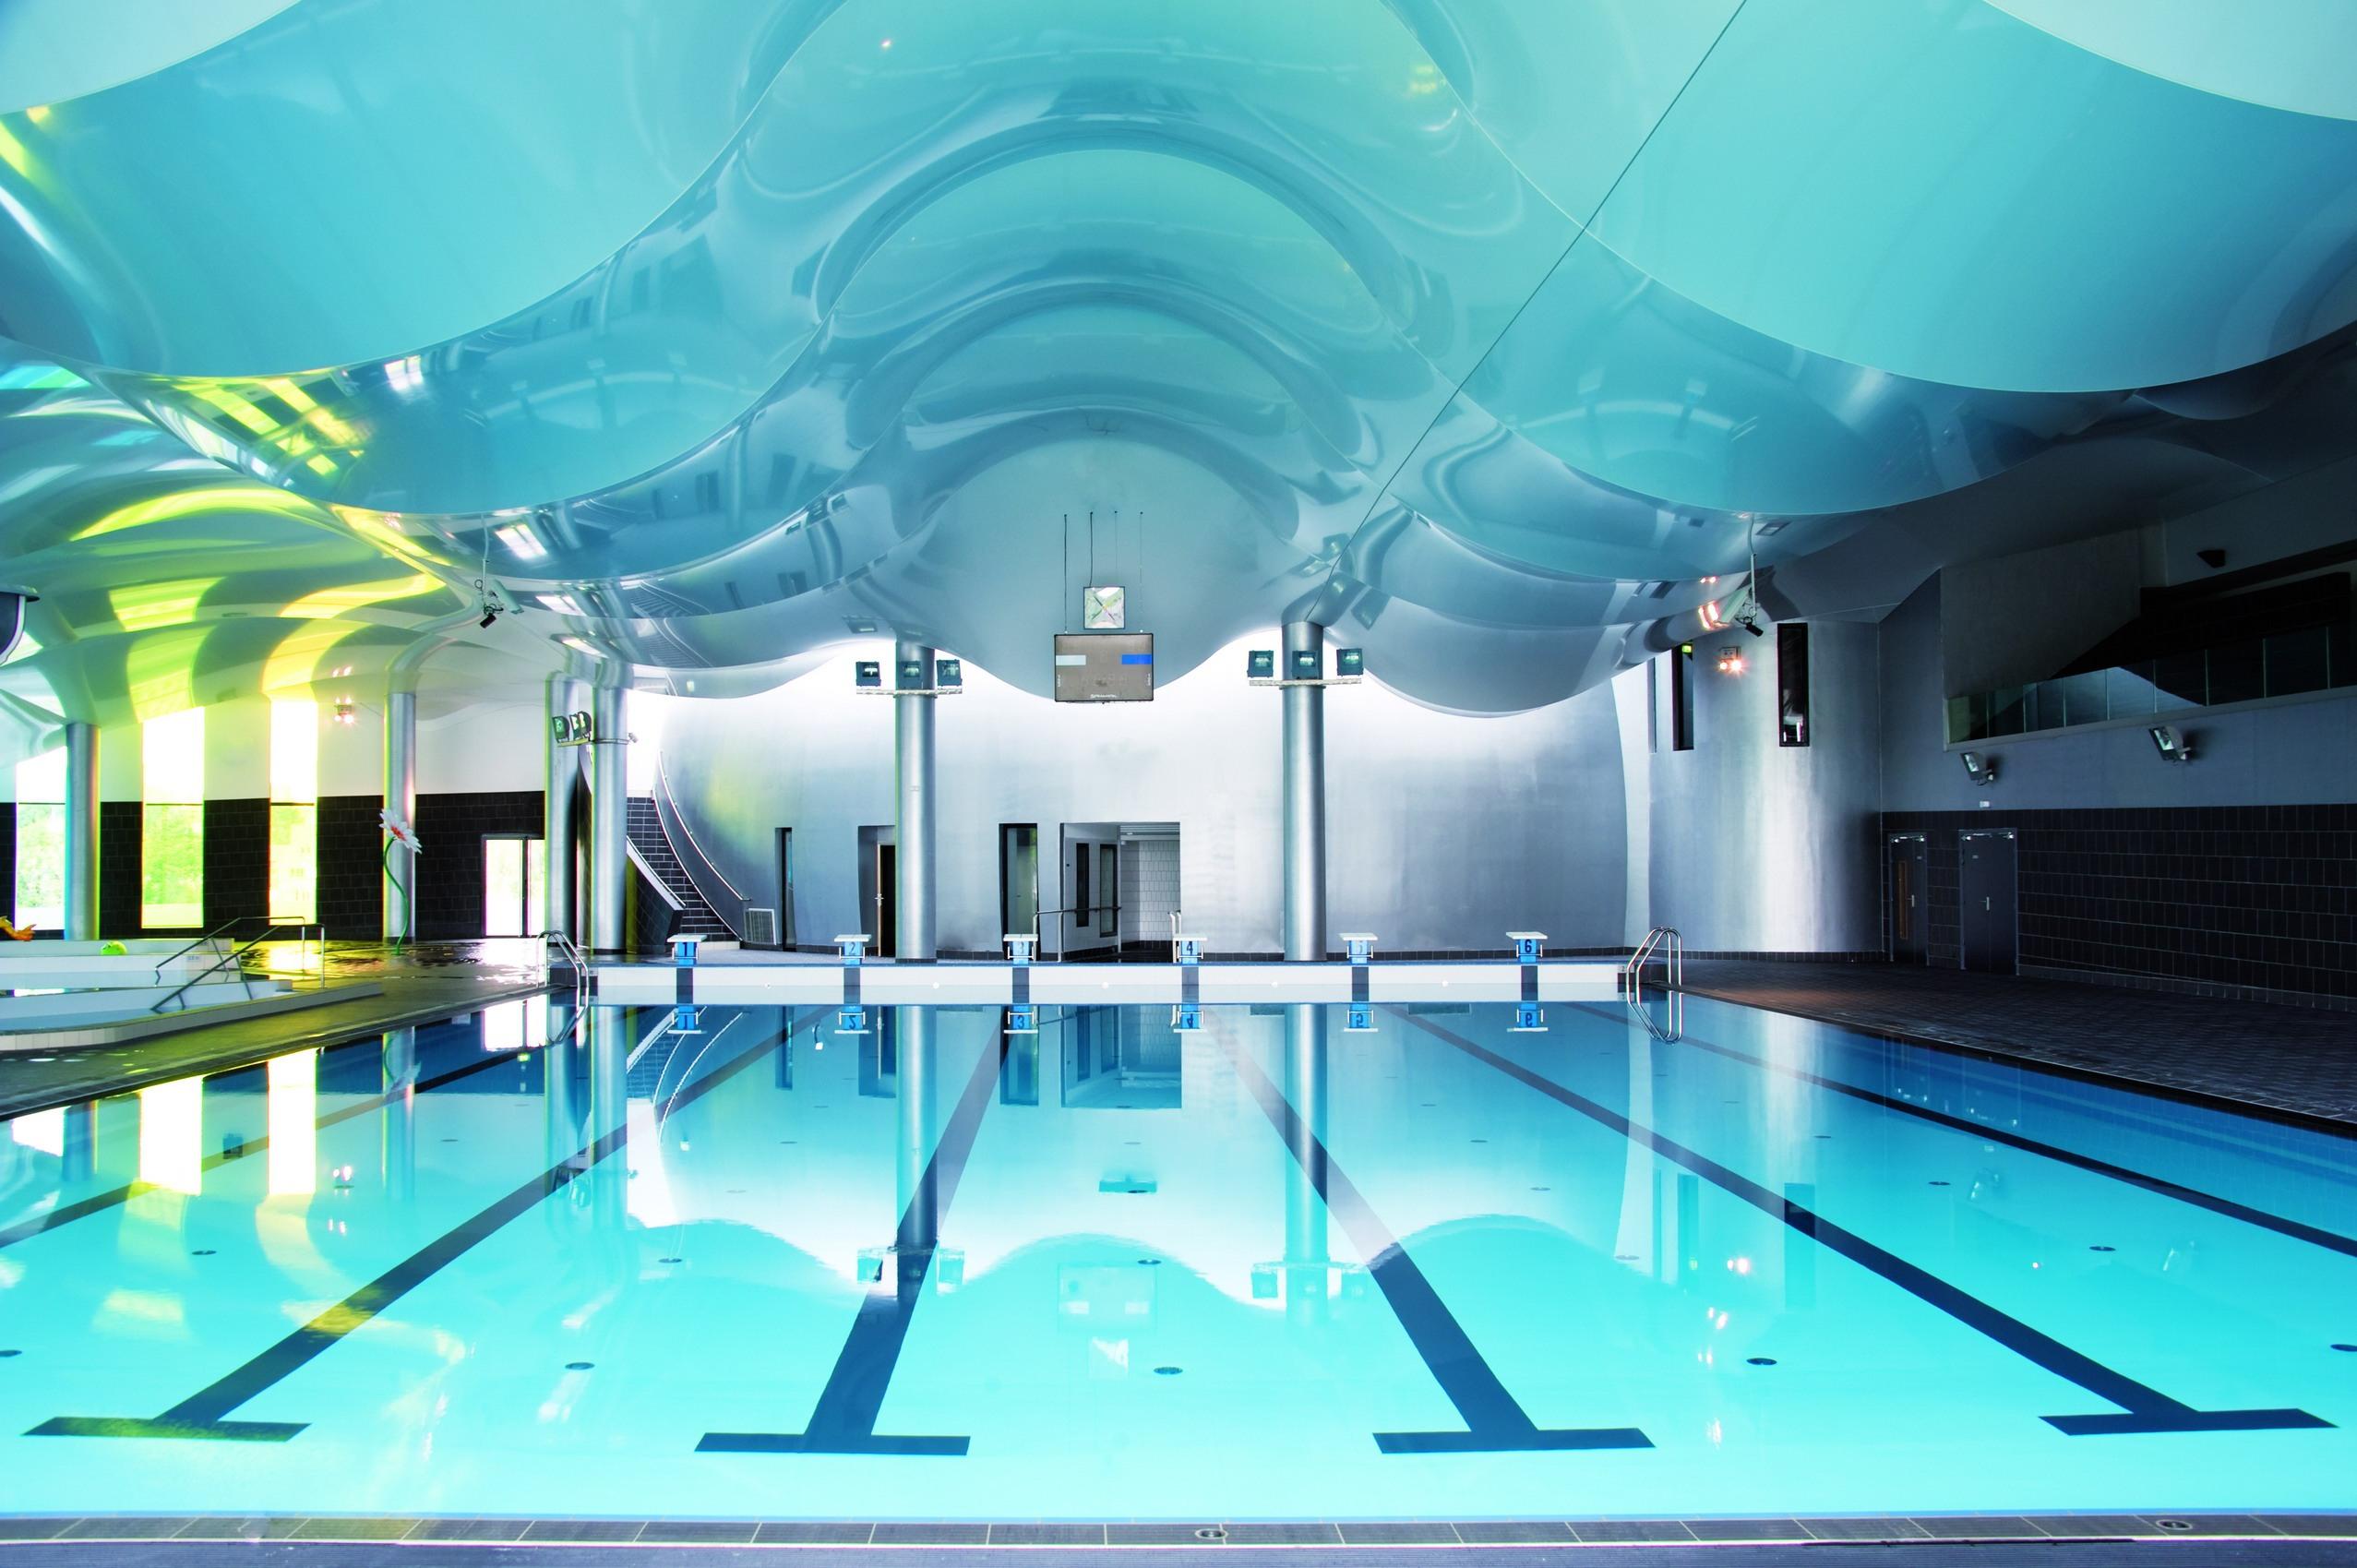 Aqua Leisure Center In Val De Scarpe | Sarea Alain Sarfati ... tout Piscine Arras Aquarena